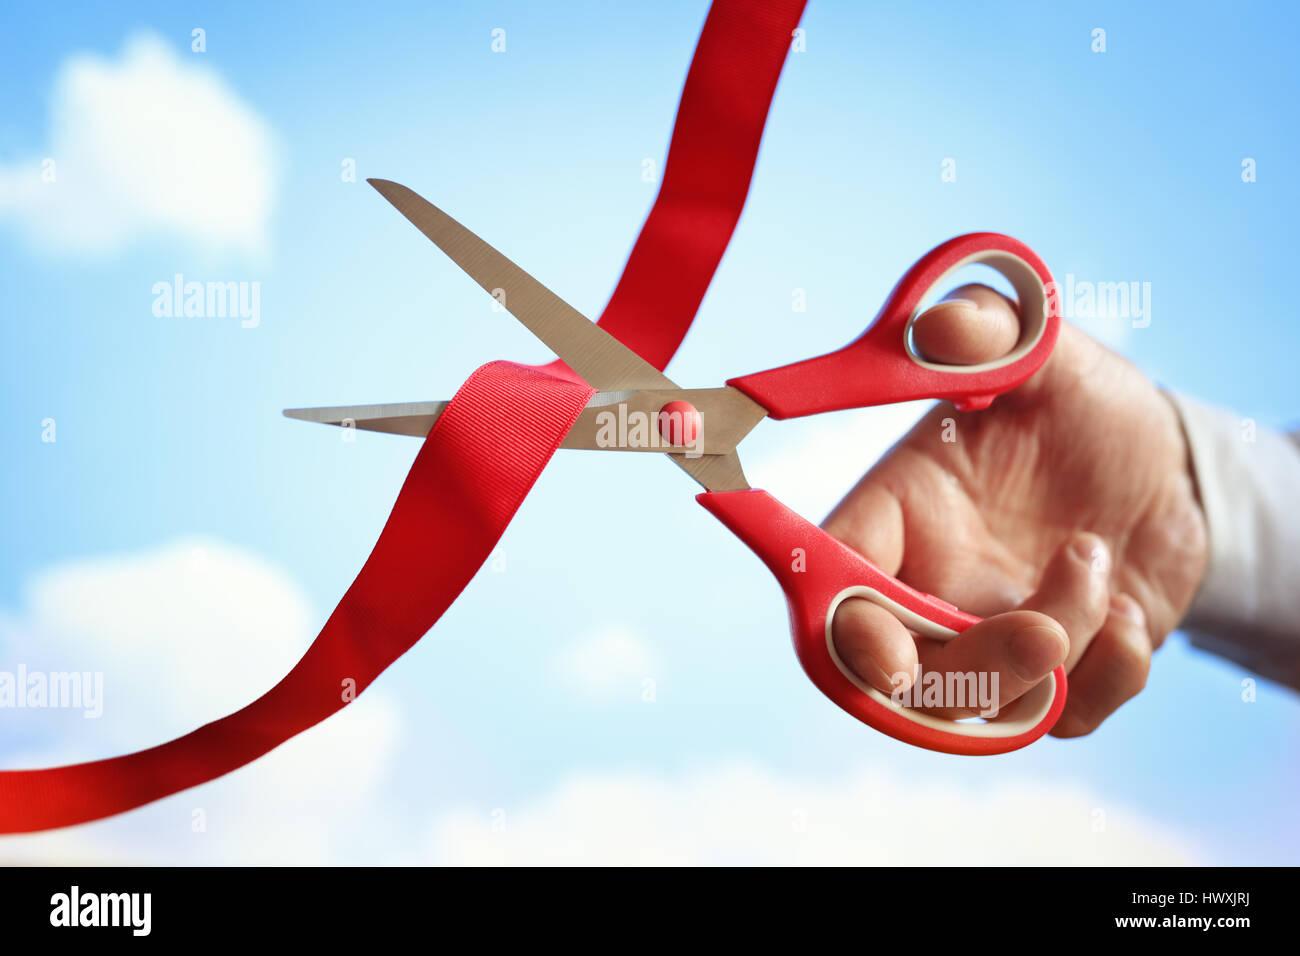 Imprenditore il taglio di un nastro rosso con un paio di forbici alla cerimonia di apertura Immagini Stock